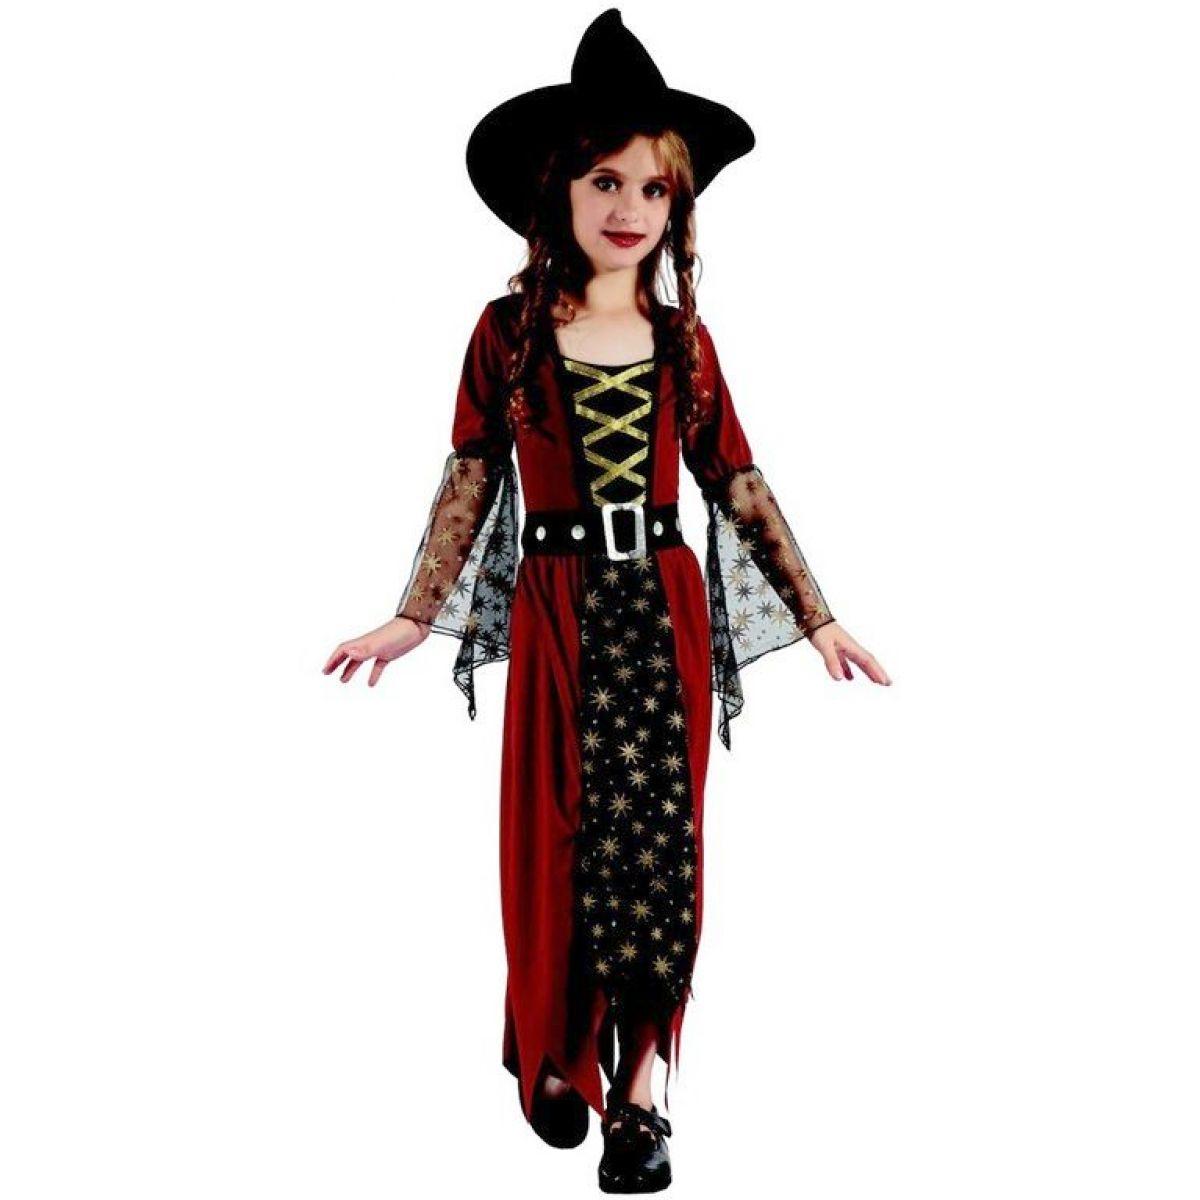 Made Dětský karnevalový kostým čarodějka M 120 - 130 cm